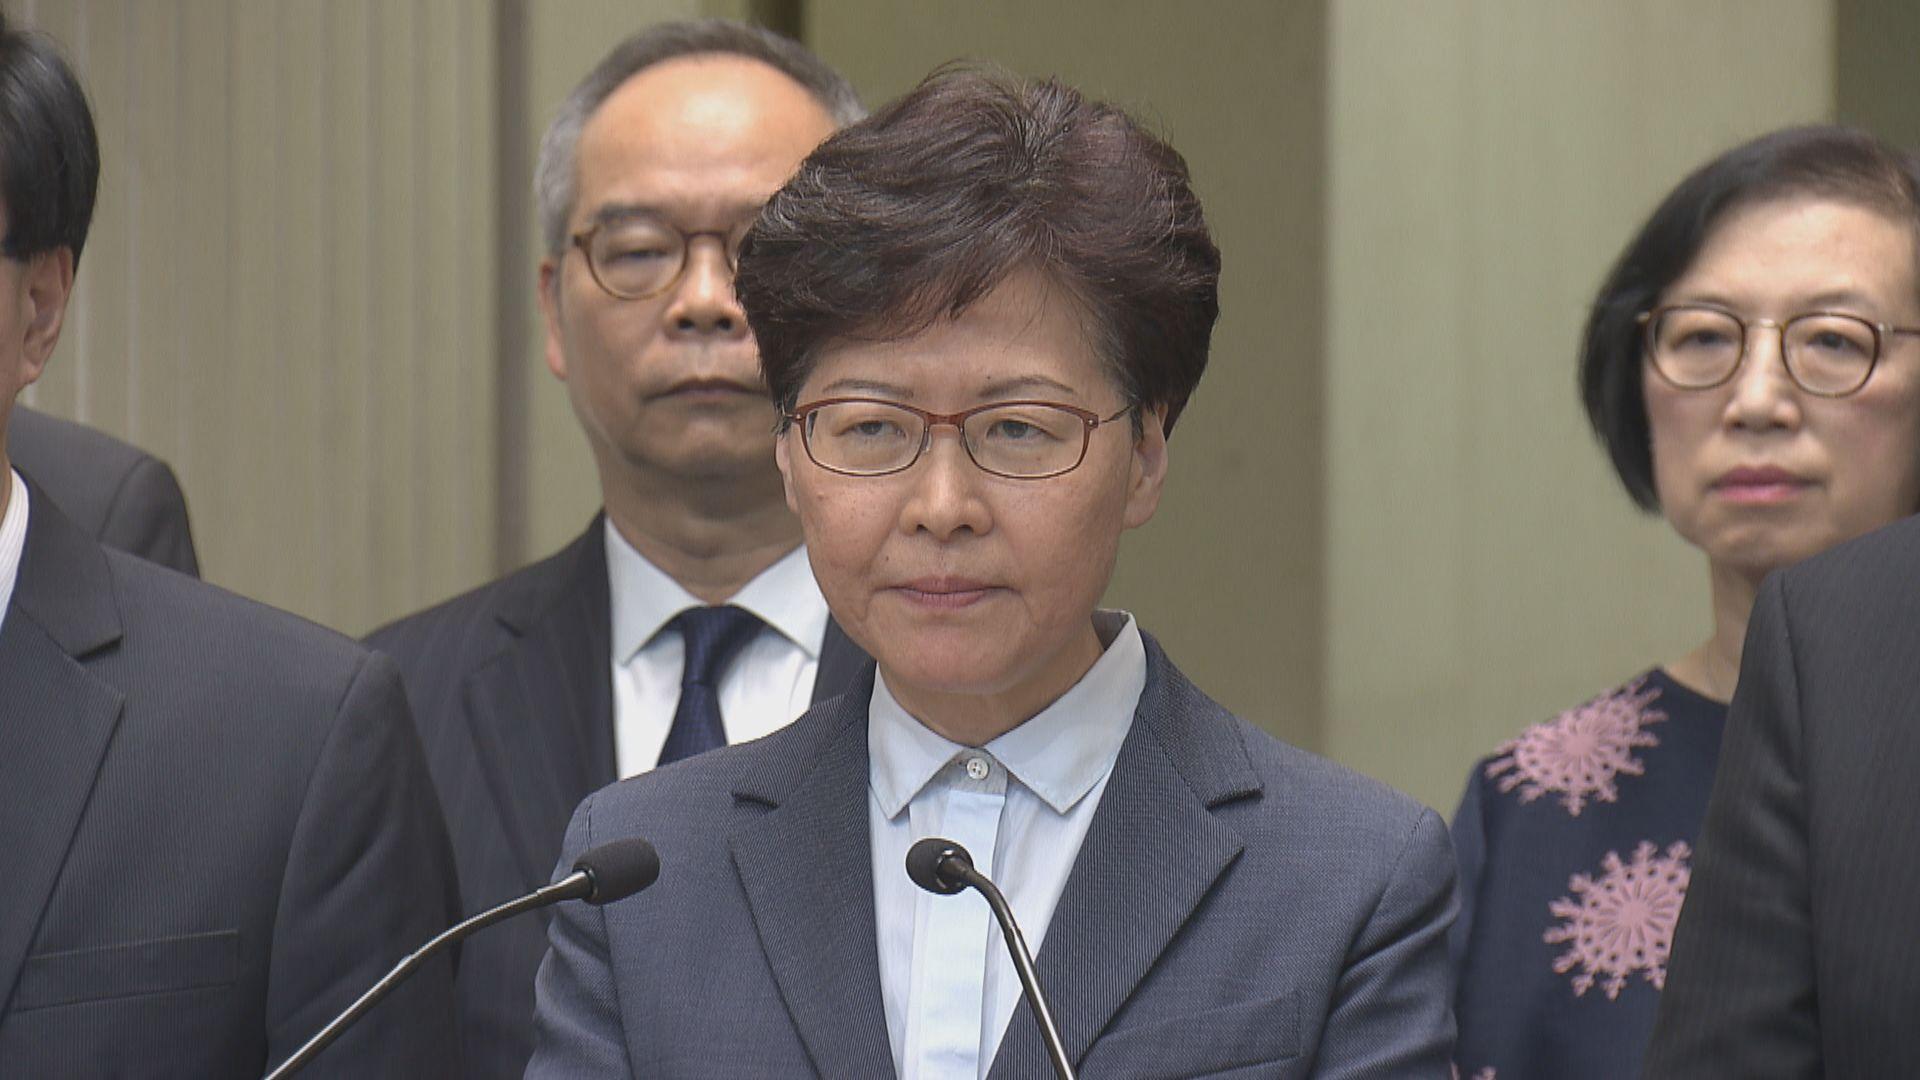 【最新】林鄭月娥譴責昨晚上環激進示威者及元朗白衣人